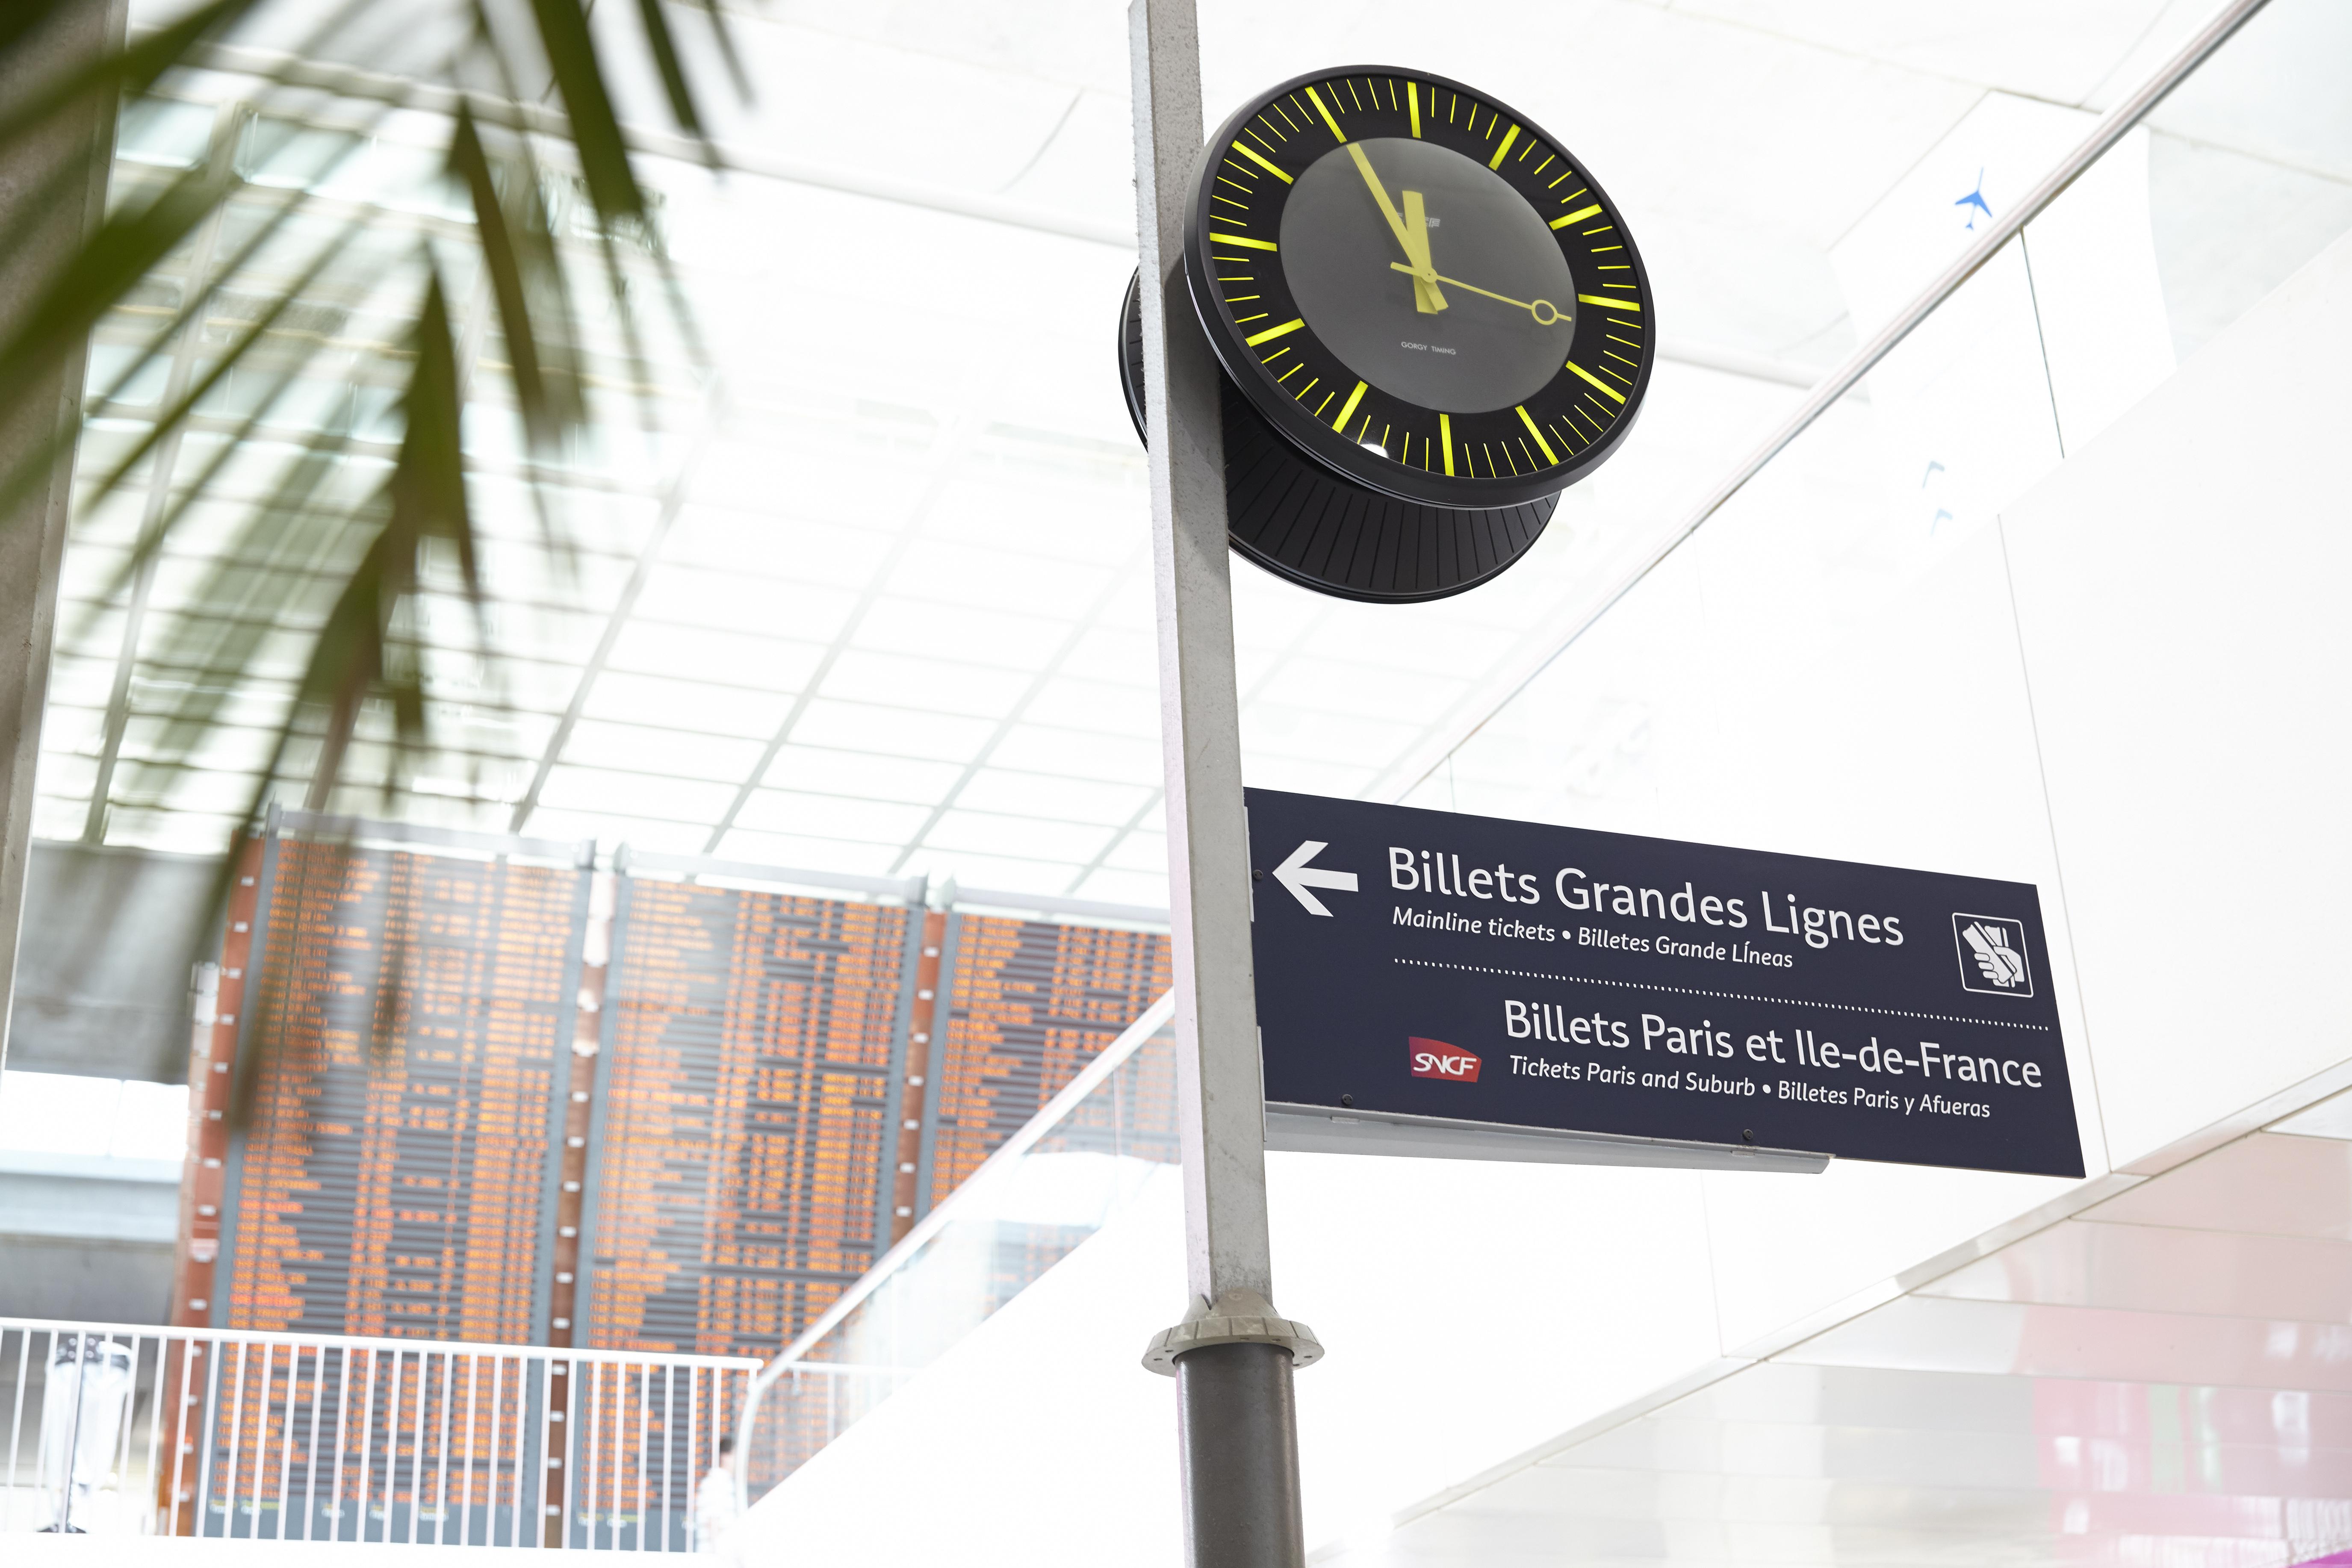 De la souplesse : vos horaires sont adaptés à la circulation des trains et aux besoins des clients. En dehors de ce planning, profitez de vos temps libres !